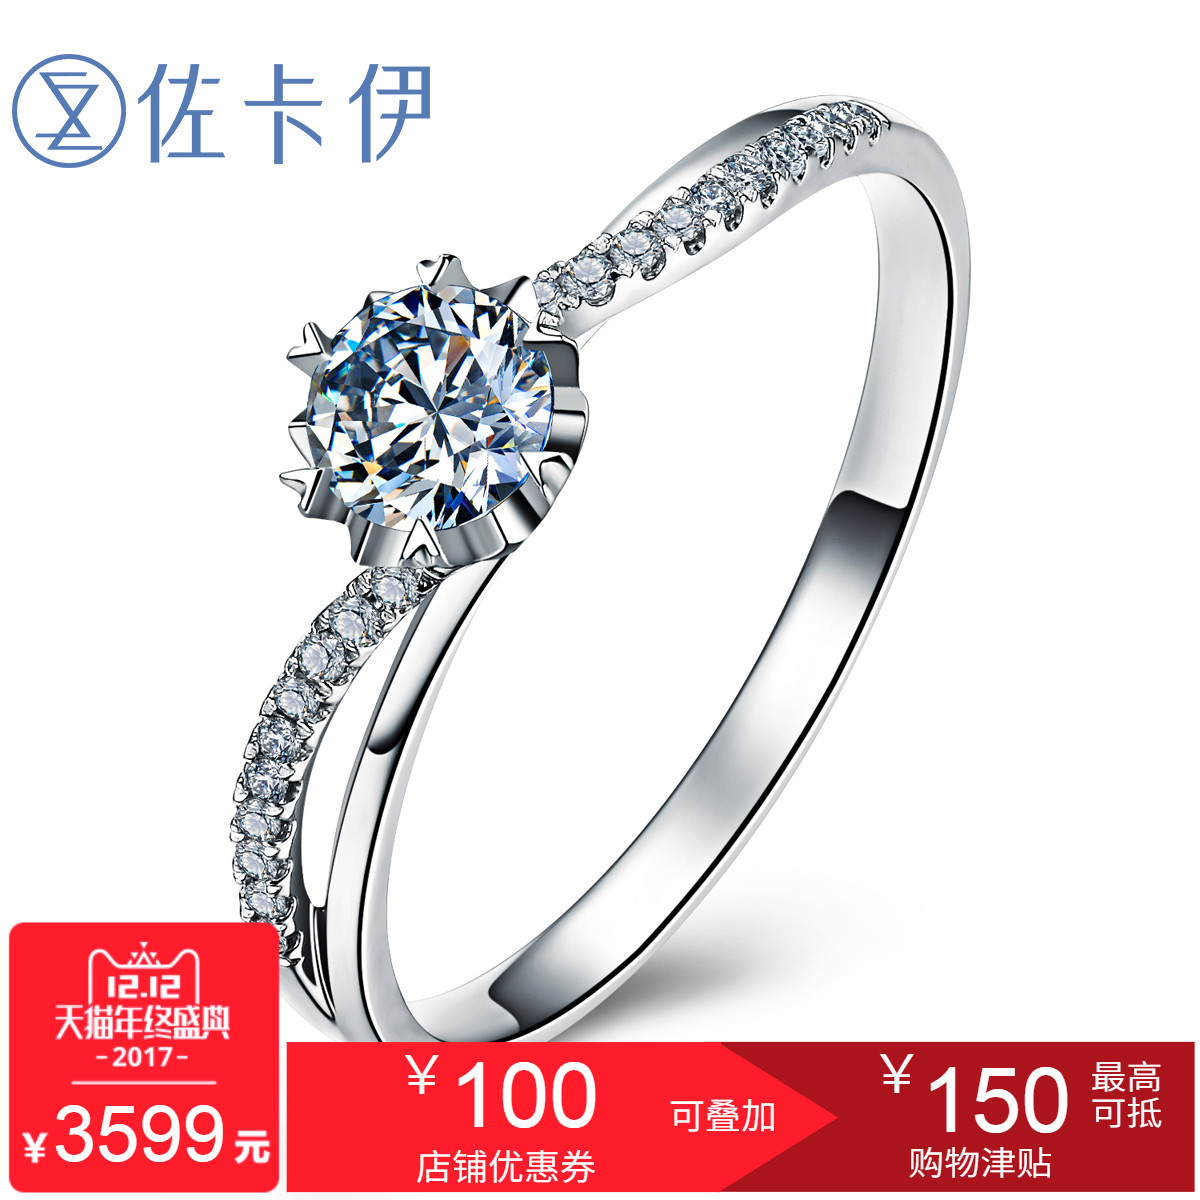 佐卡伊 铂金PT950钻石戒指女戒求婚结婚戒指群镶钻戒女婚戒正品